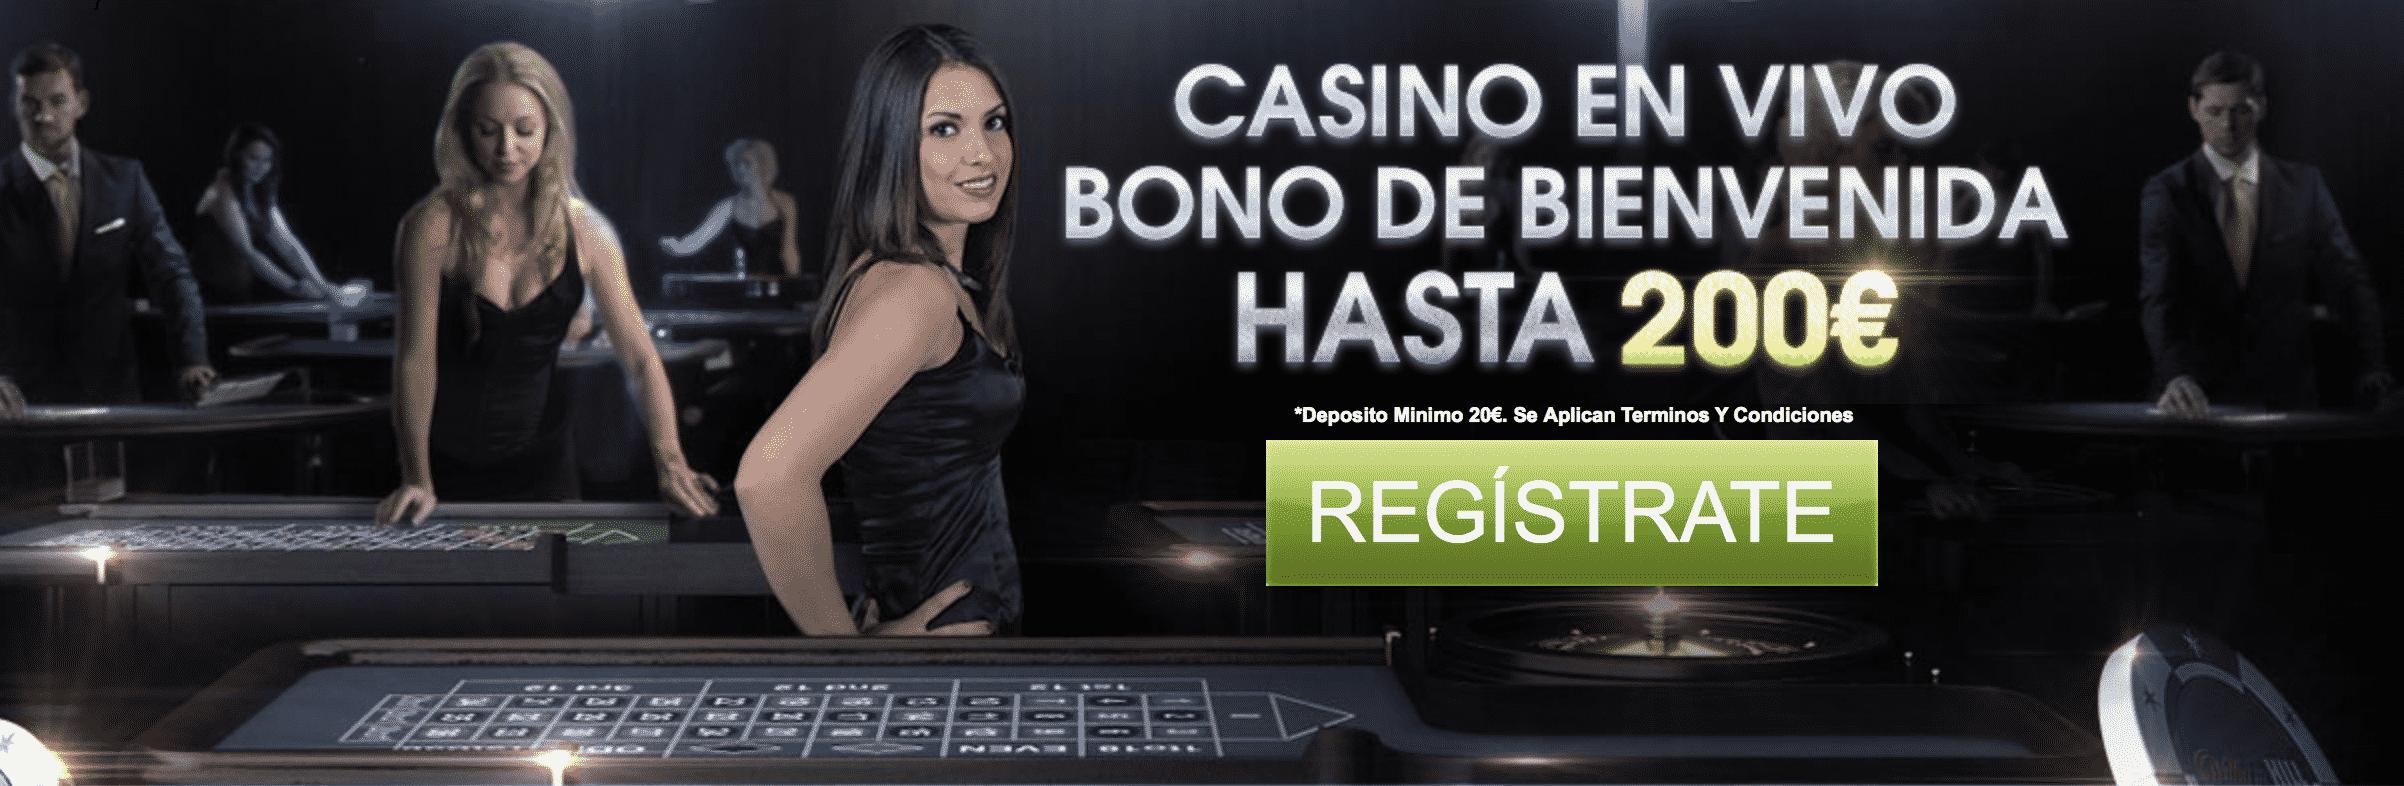 Casino fiable Portugal bono bienvenida sin deposito-318900